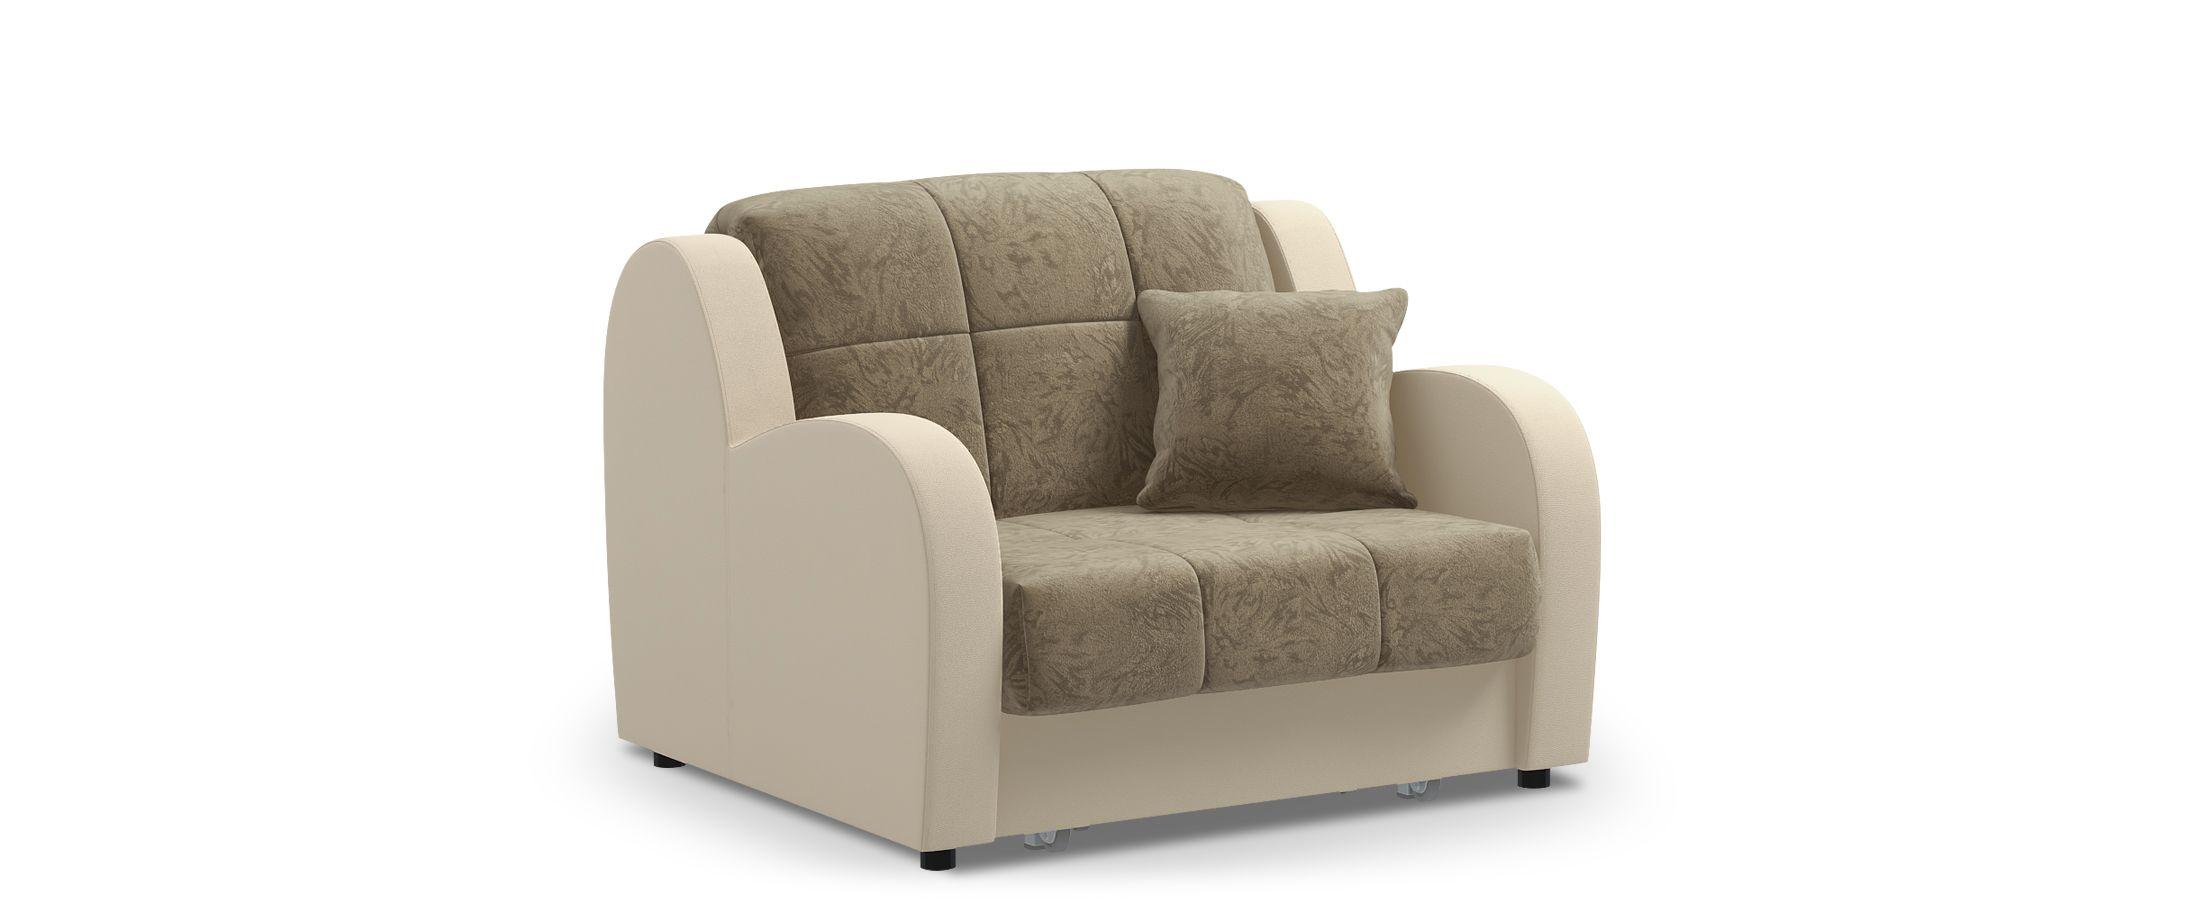 Кресло раскладное Барон 022Купить бежевое кресло-кровать Барон 022. Доставка от 1 дня. Подъём, сборка, вынос упаковки. Гарантия 18 месяцев. Интернет-магазин мебели MOON TRADE. Артикул: 001411<br><br>Ширина см: 113<br>Глубина см: 104<br>Высота см: 88<br>Ширина спального места см: 88<br>Глубина спального места см: 204<br>Глубина посадочного места см: 60<br>Механизм: Аккордеон<br>Код ткани: 67-36, 36-132<br>Цвет: Бежевый<br>Материал: Велюр, Экокожа<br>Каркас: Металлокаркас<br>Основание: Берёзовые латы<br>Мягкий настил: ППУ<br>Жёсткость: Жёсткий<br>Чехол: Съёмный